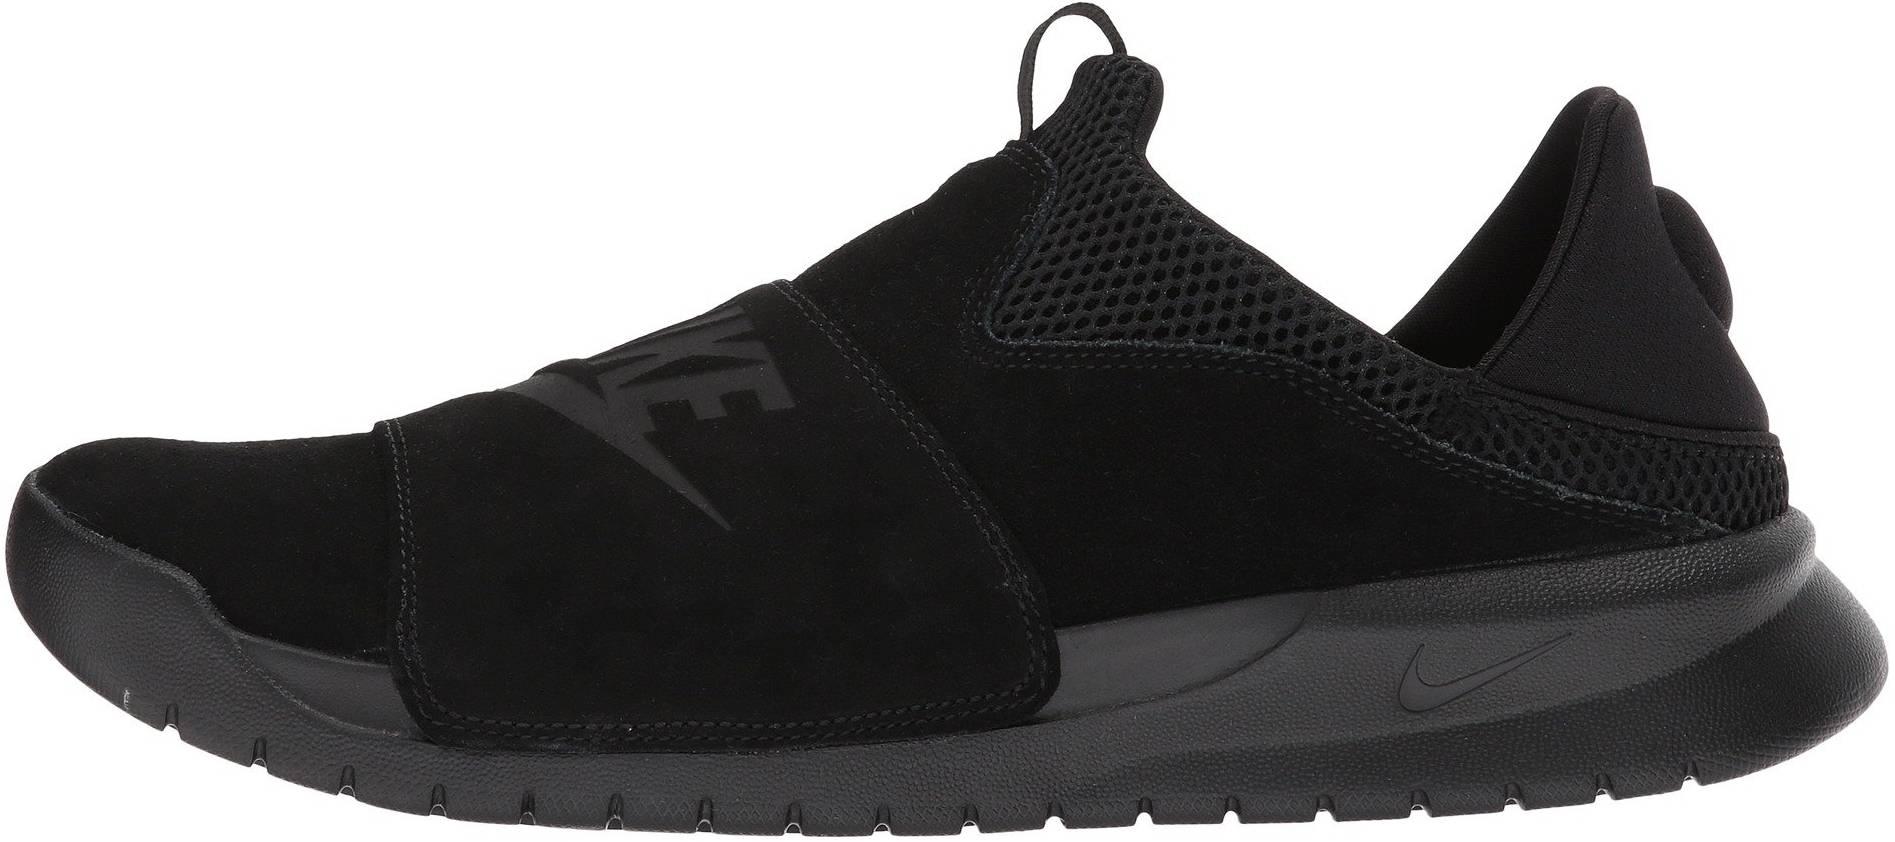 Buy Nike Benassi Slip